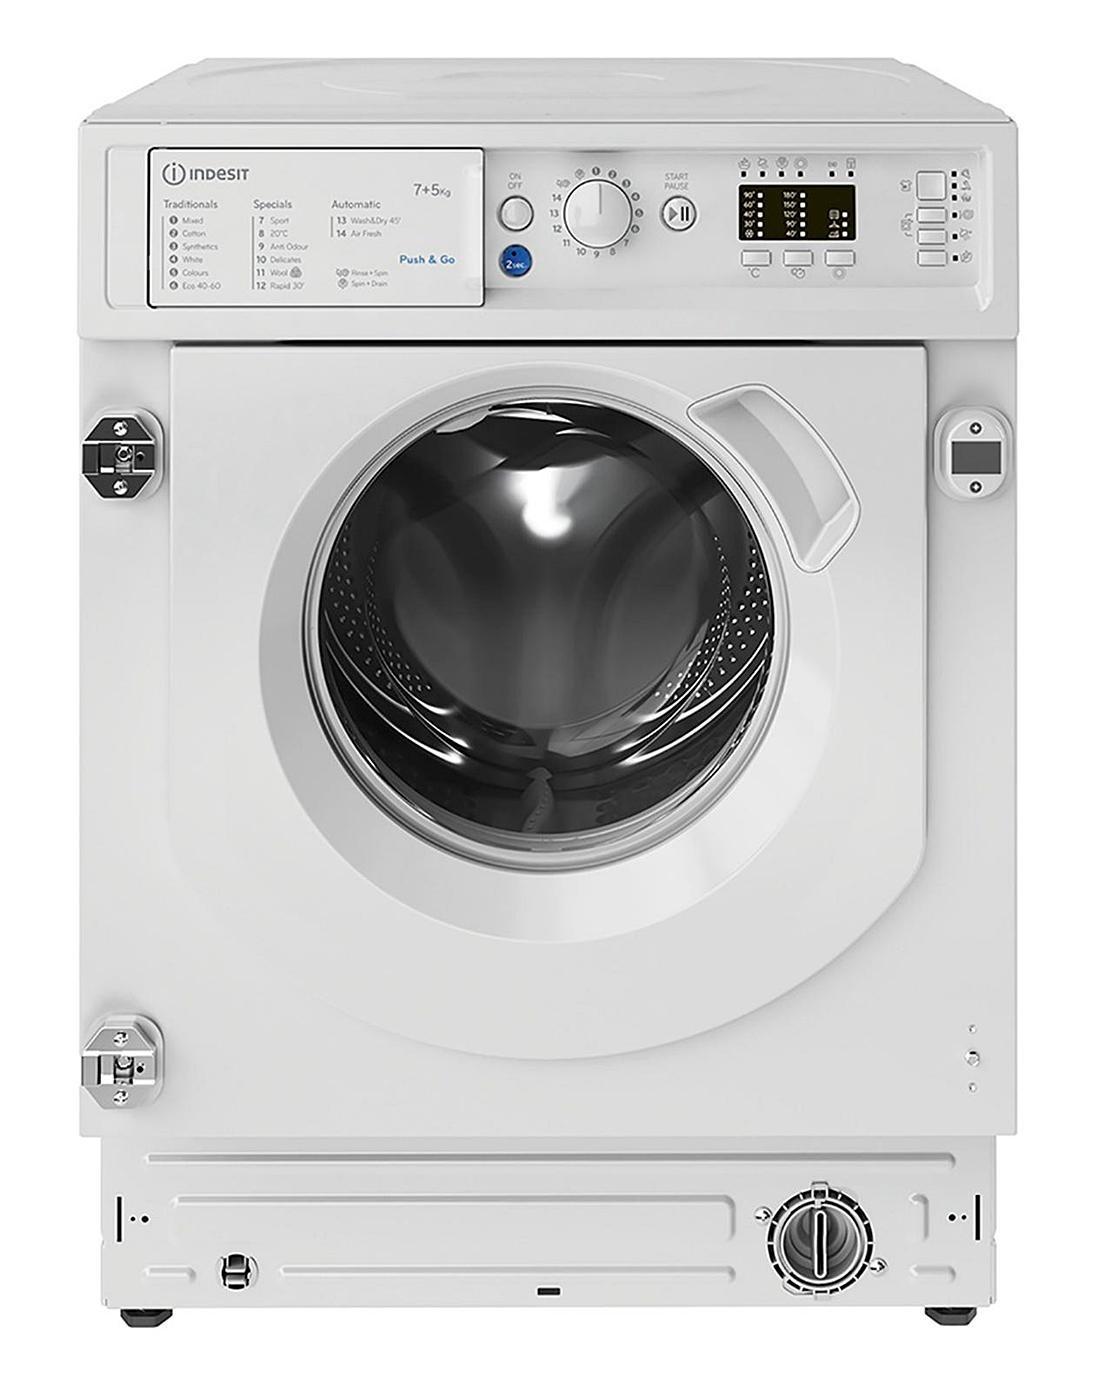 Indesit BIWDIL75125UKN 7kg/5kg 1200rpm Washer-Dryer